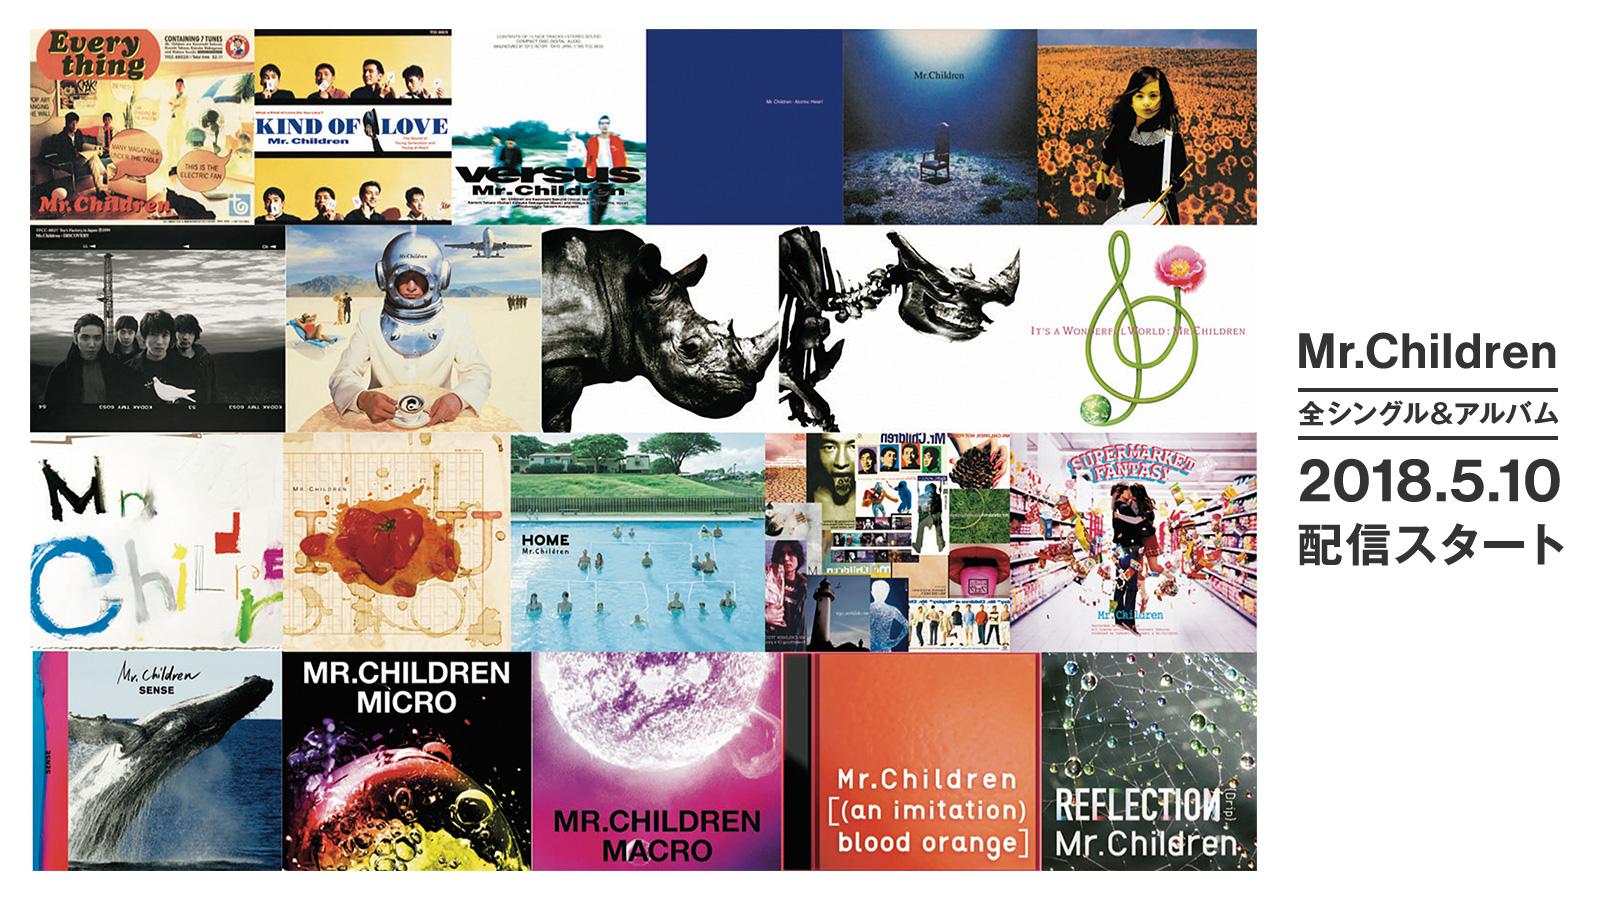 http://www.mrchildren.jp/img/billboard/singlealbumdownload_a.jpg